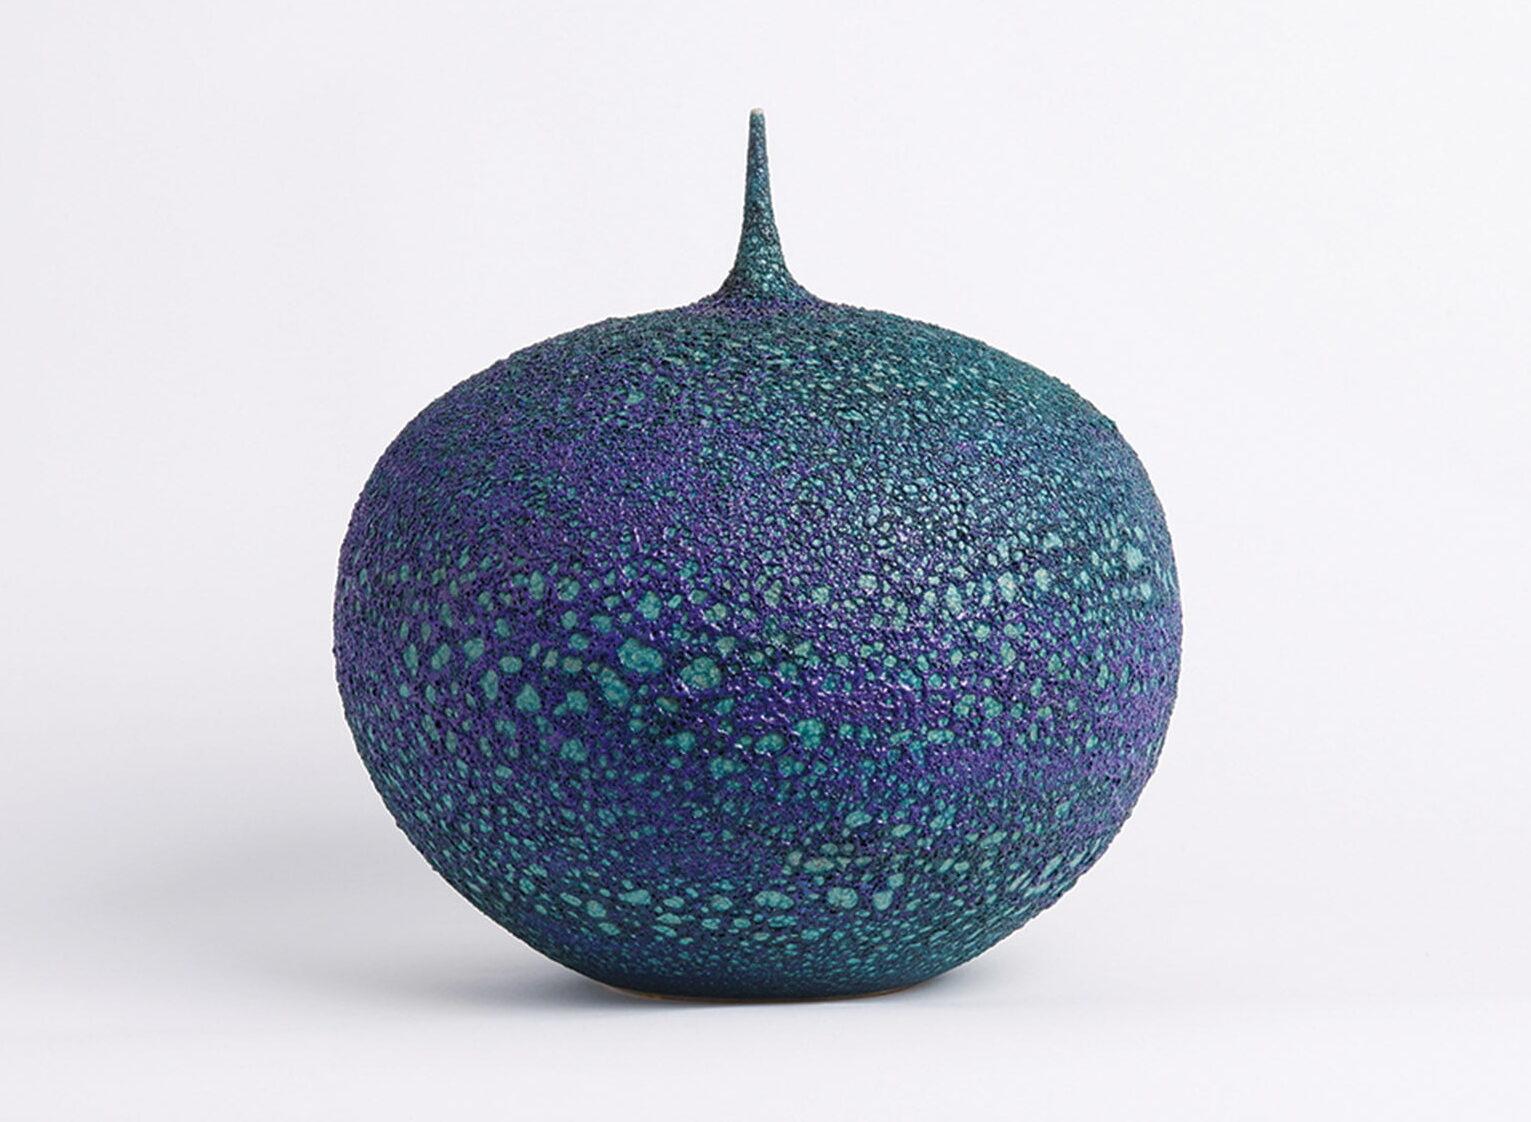 Porcelain teardrop vessel by Cliff Lee